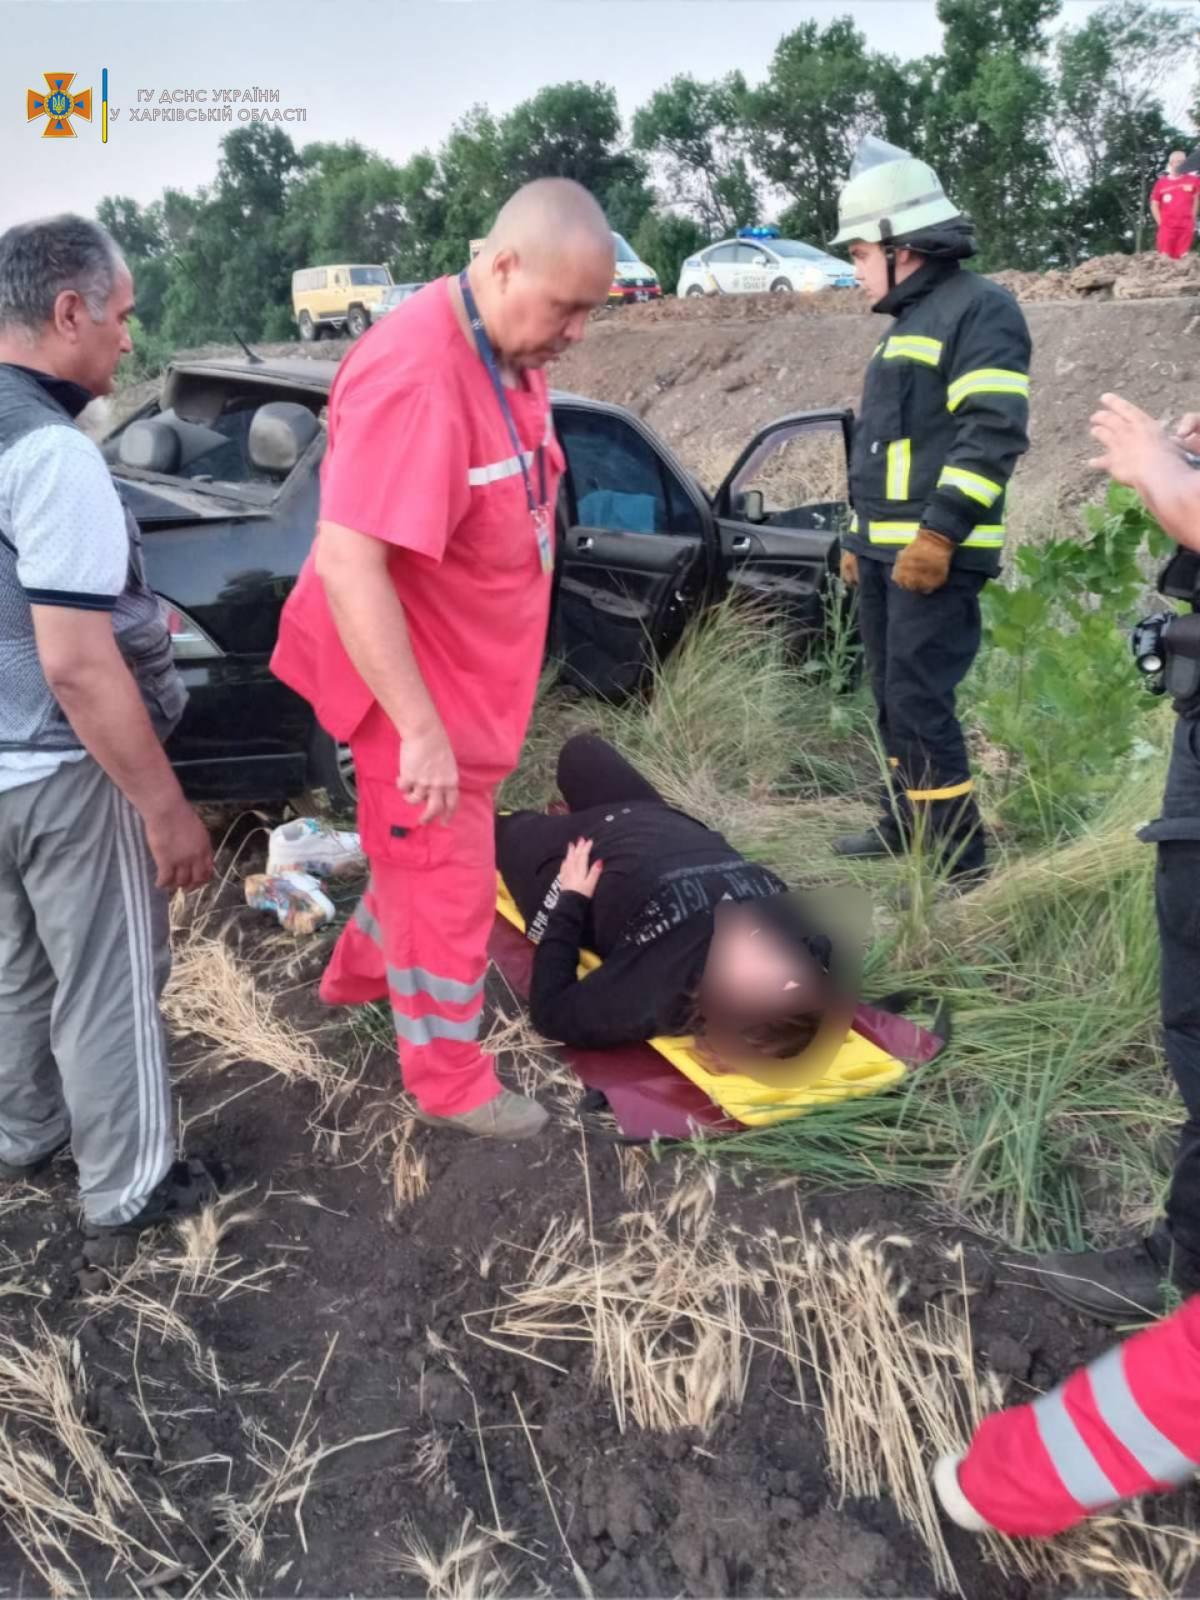 Харьковские спасатели оказали помощь пострадавшей при ДТП в Московском районе